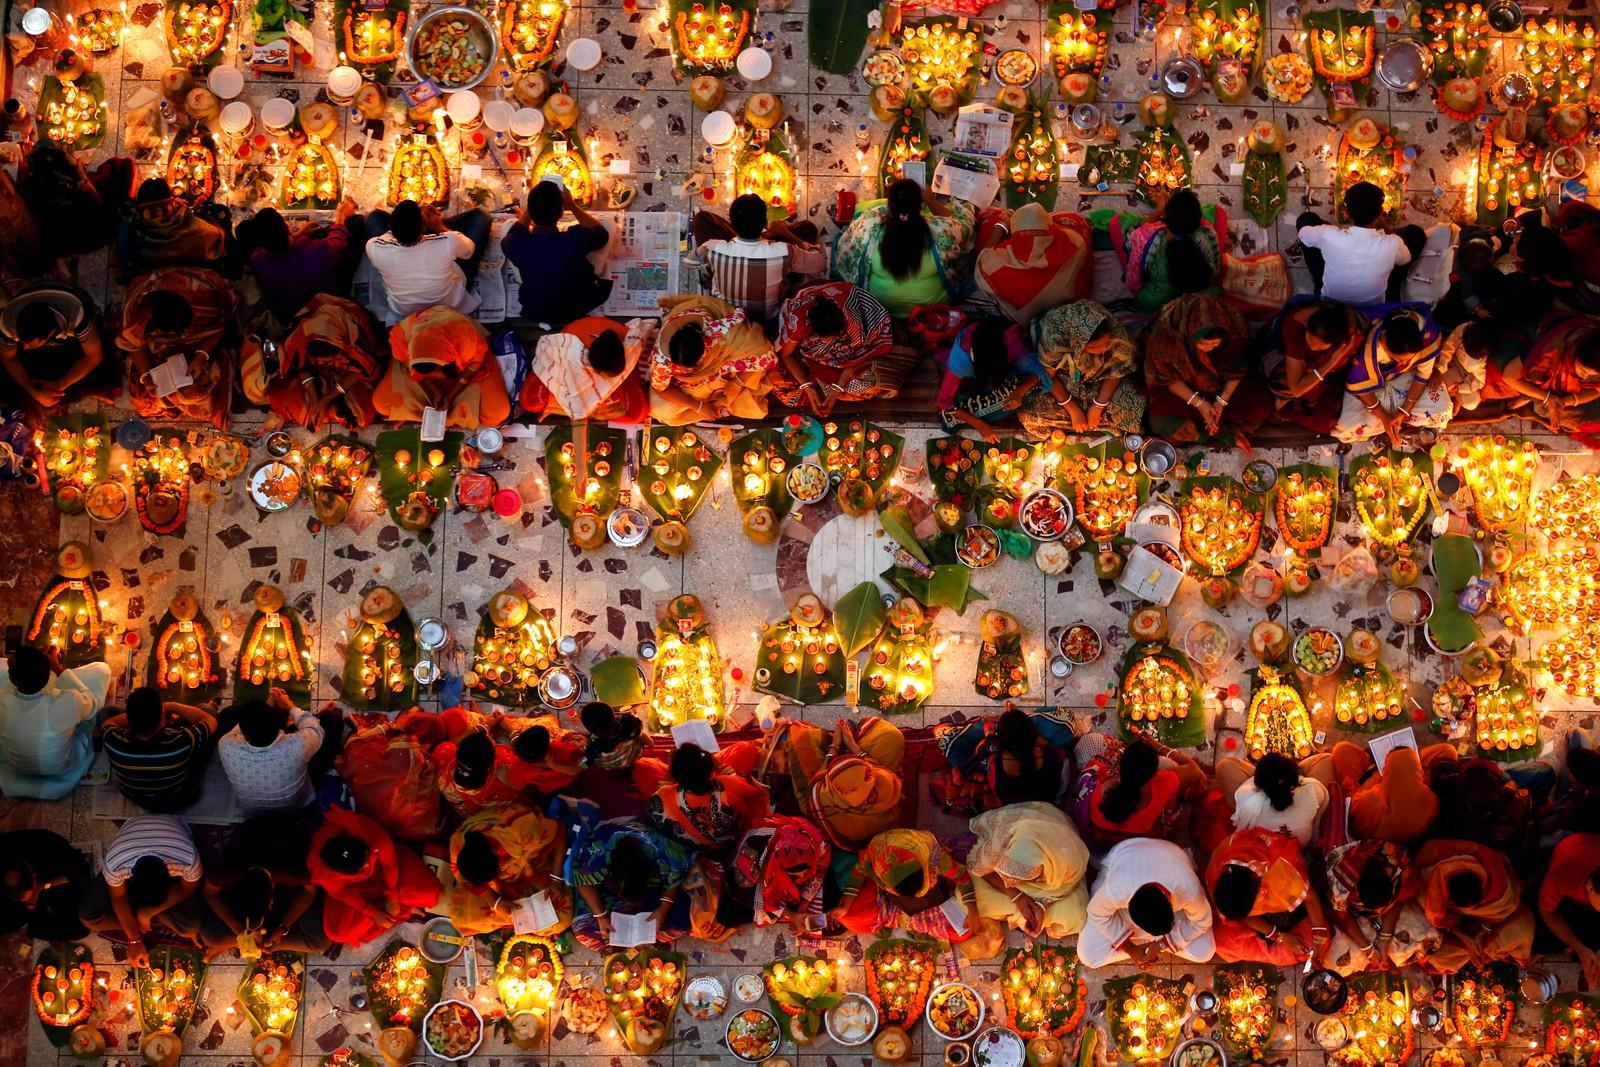 Hinduer i et tempel under den siste dagen av den religiøse høytiden Rakher Upabash i Dhaka i Bangladesh